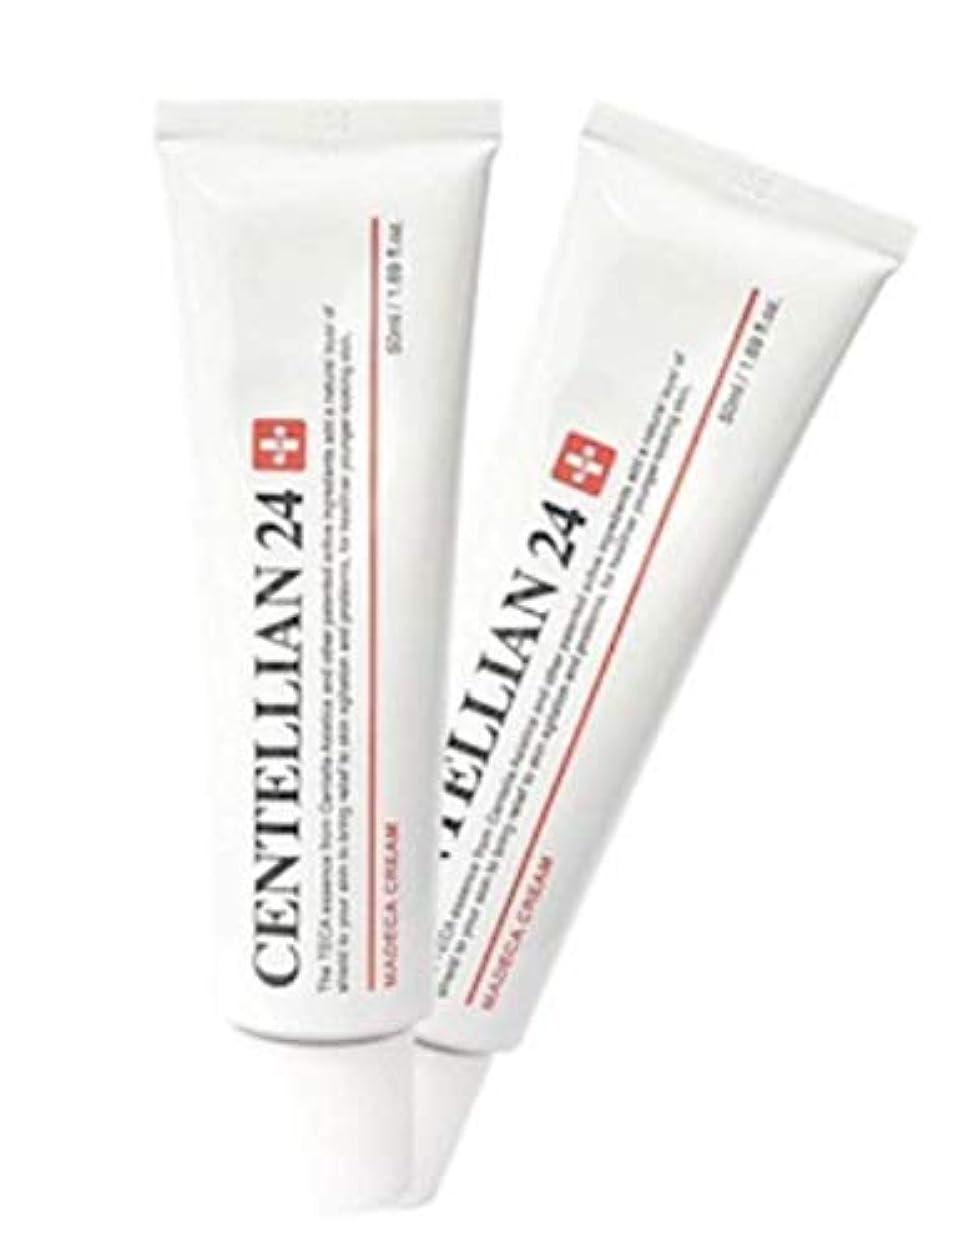 毛細血管立場報酬センテルリアン24マデカクリム50ml x 2本セット肌の保湿損傷した肌のケア、Centellian24 Madeca Cream 50ml x 2ea Set Skin Moisturizing Damaged Skin...